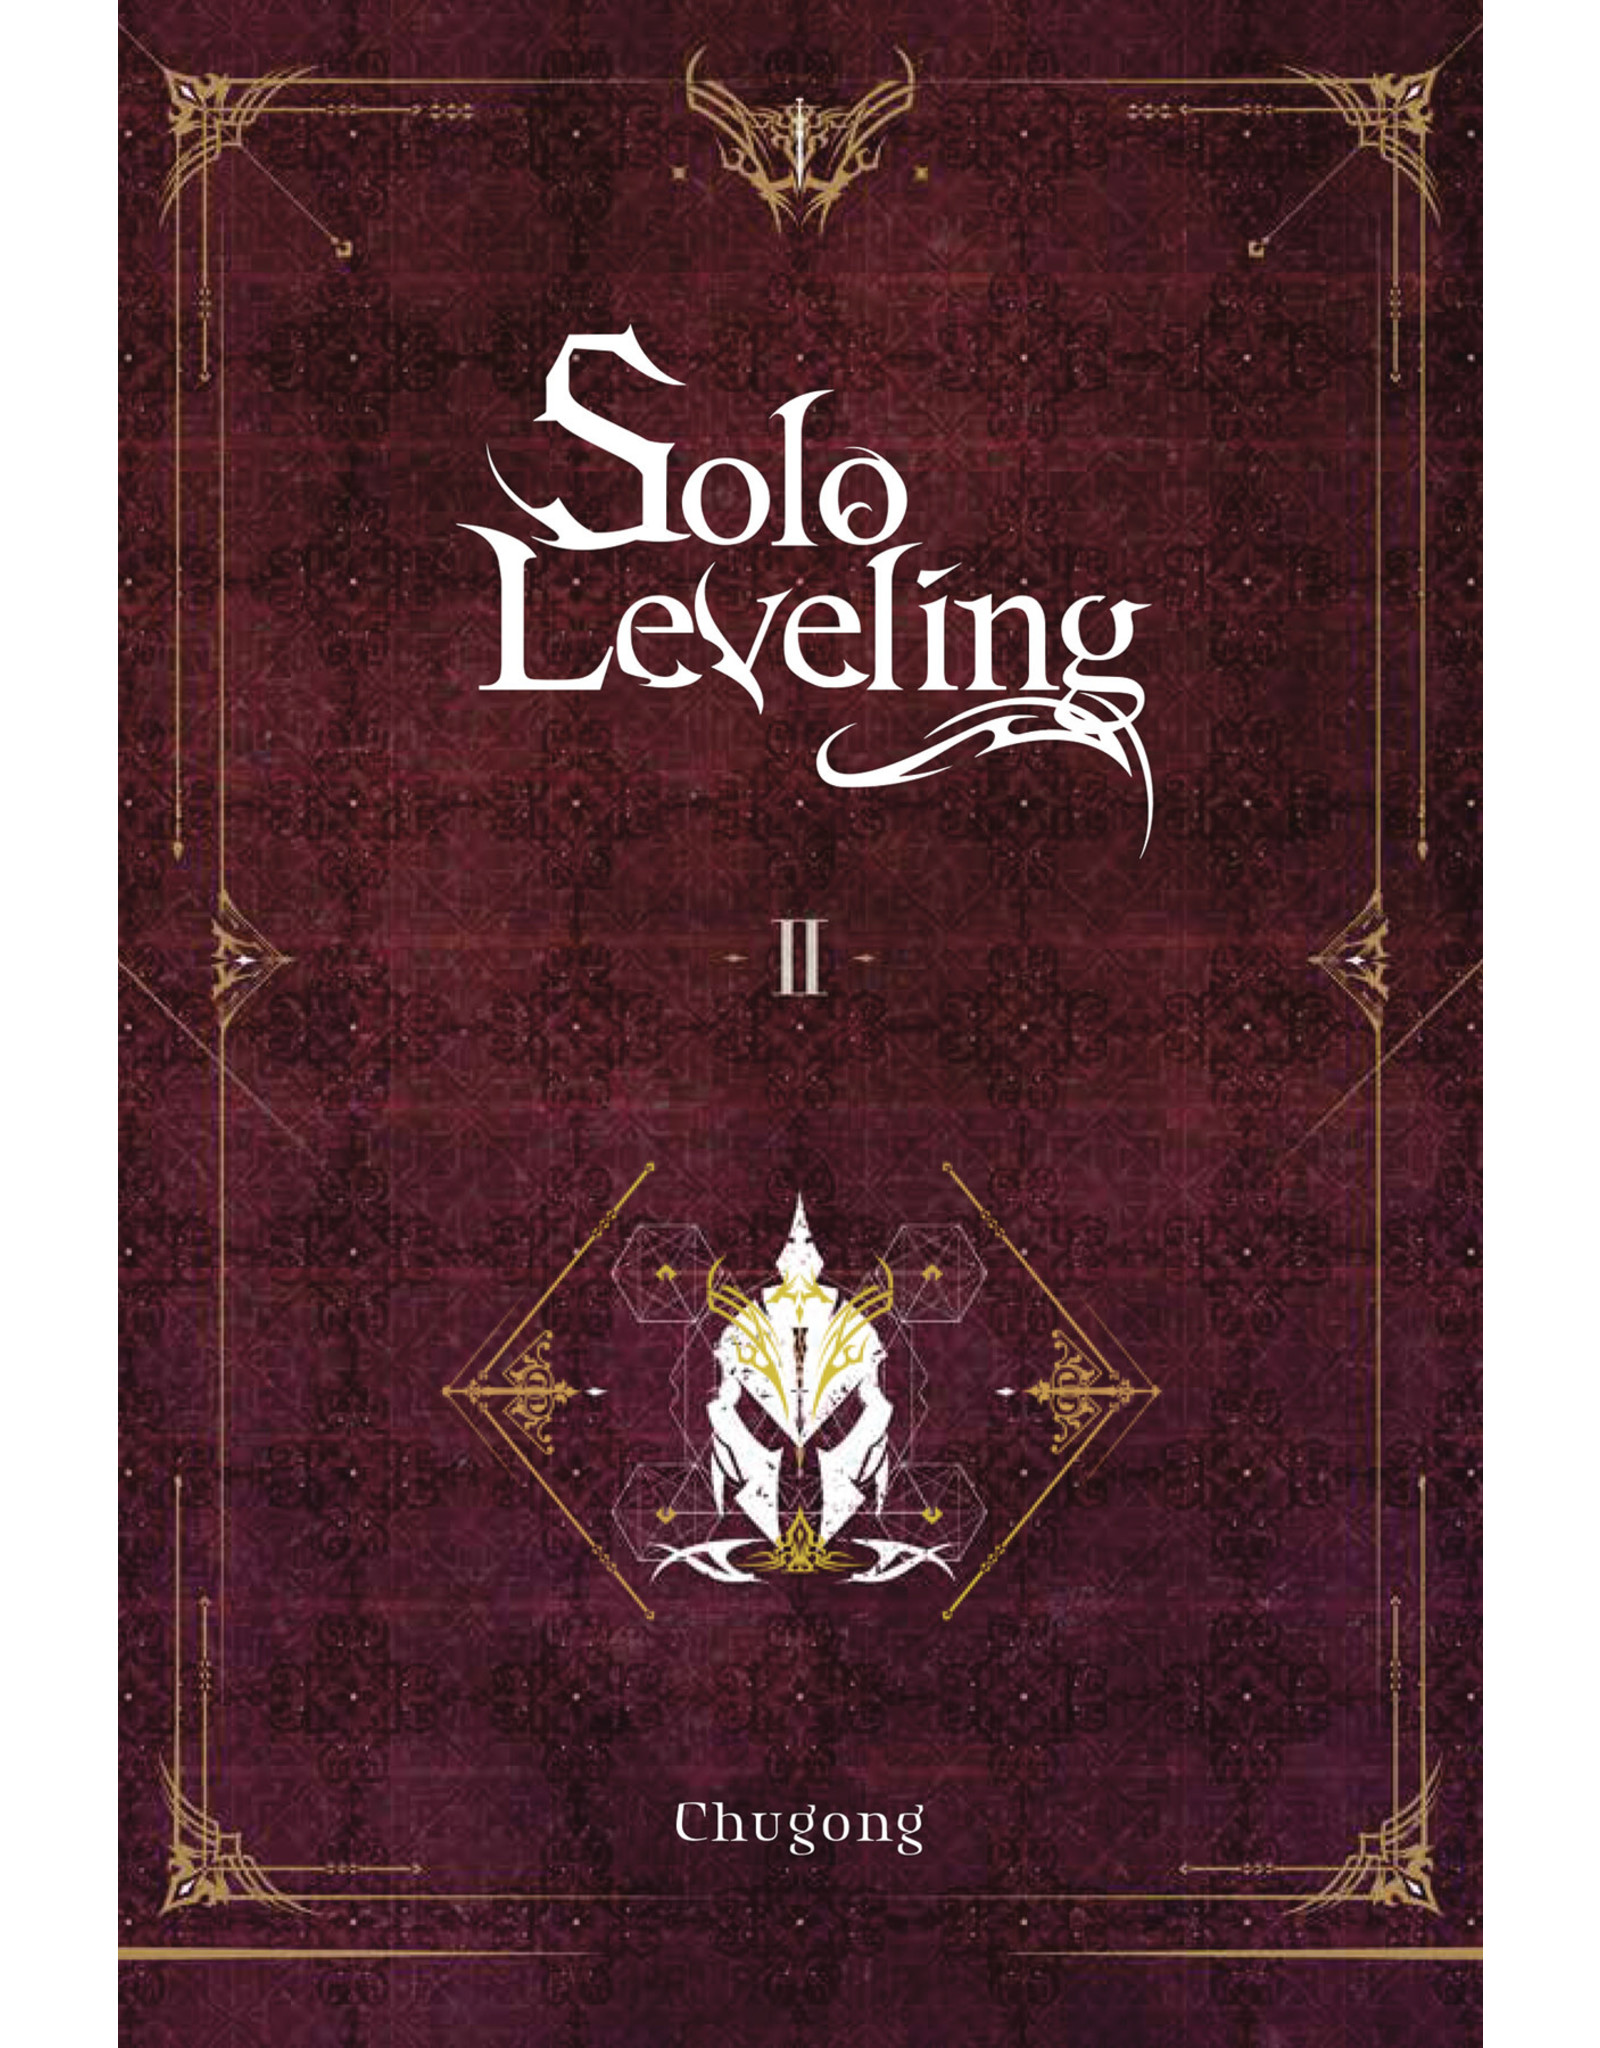 Solo Leveling 02 (Engelstalig) - Light Novel